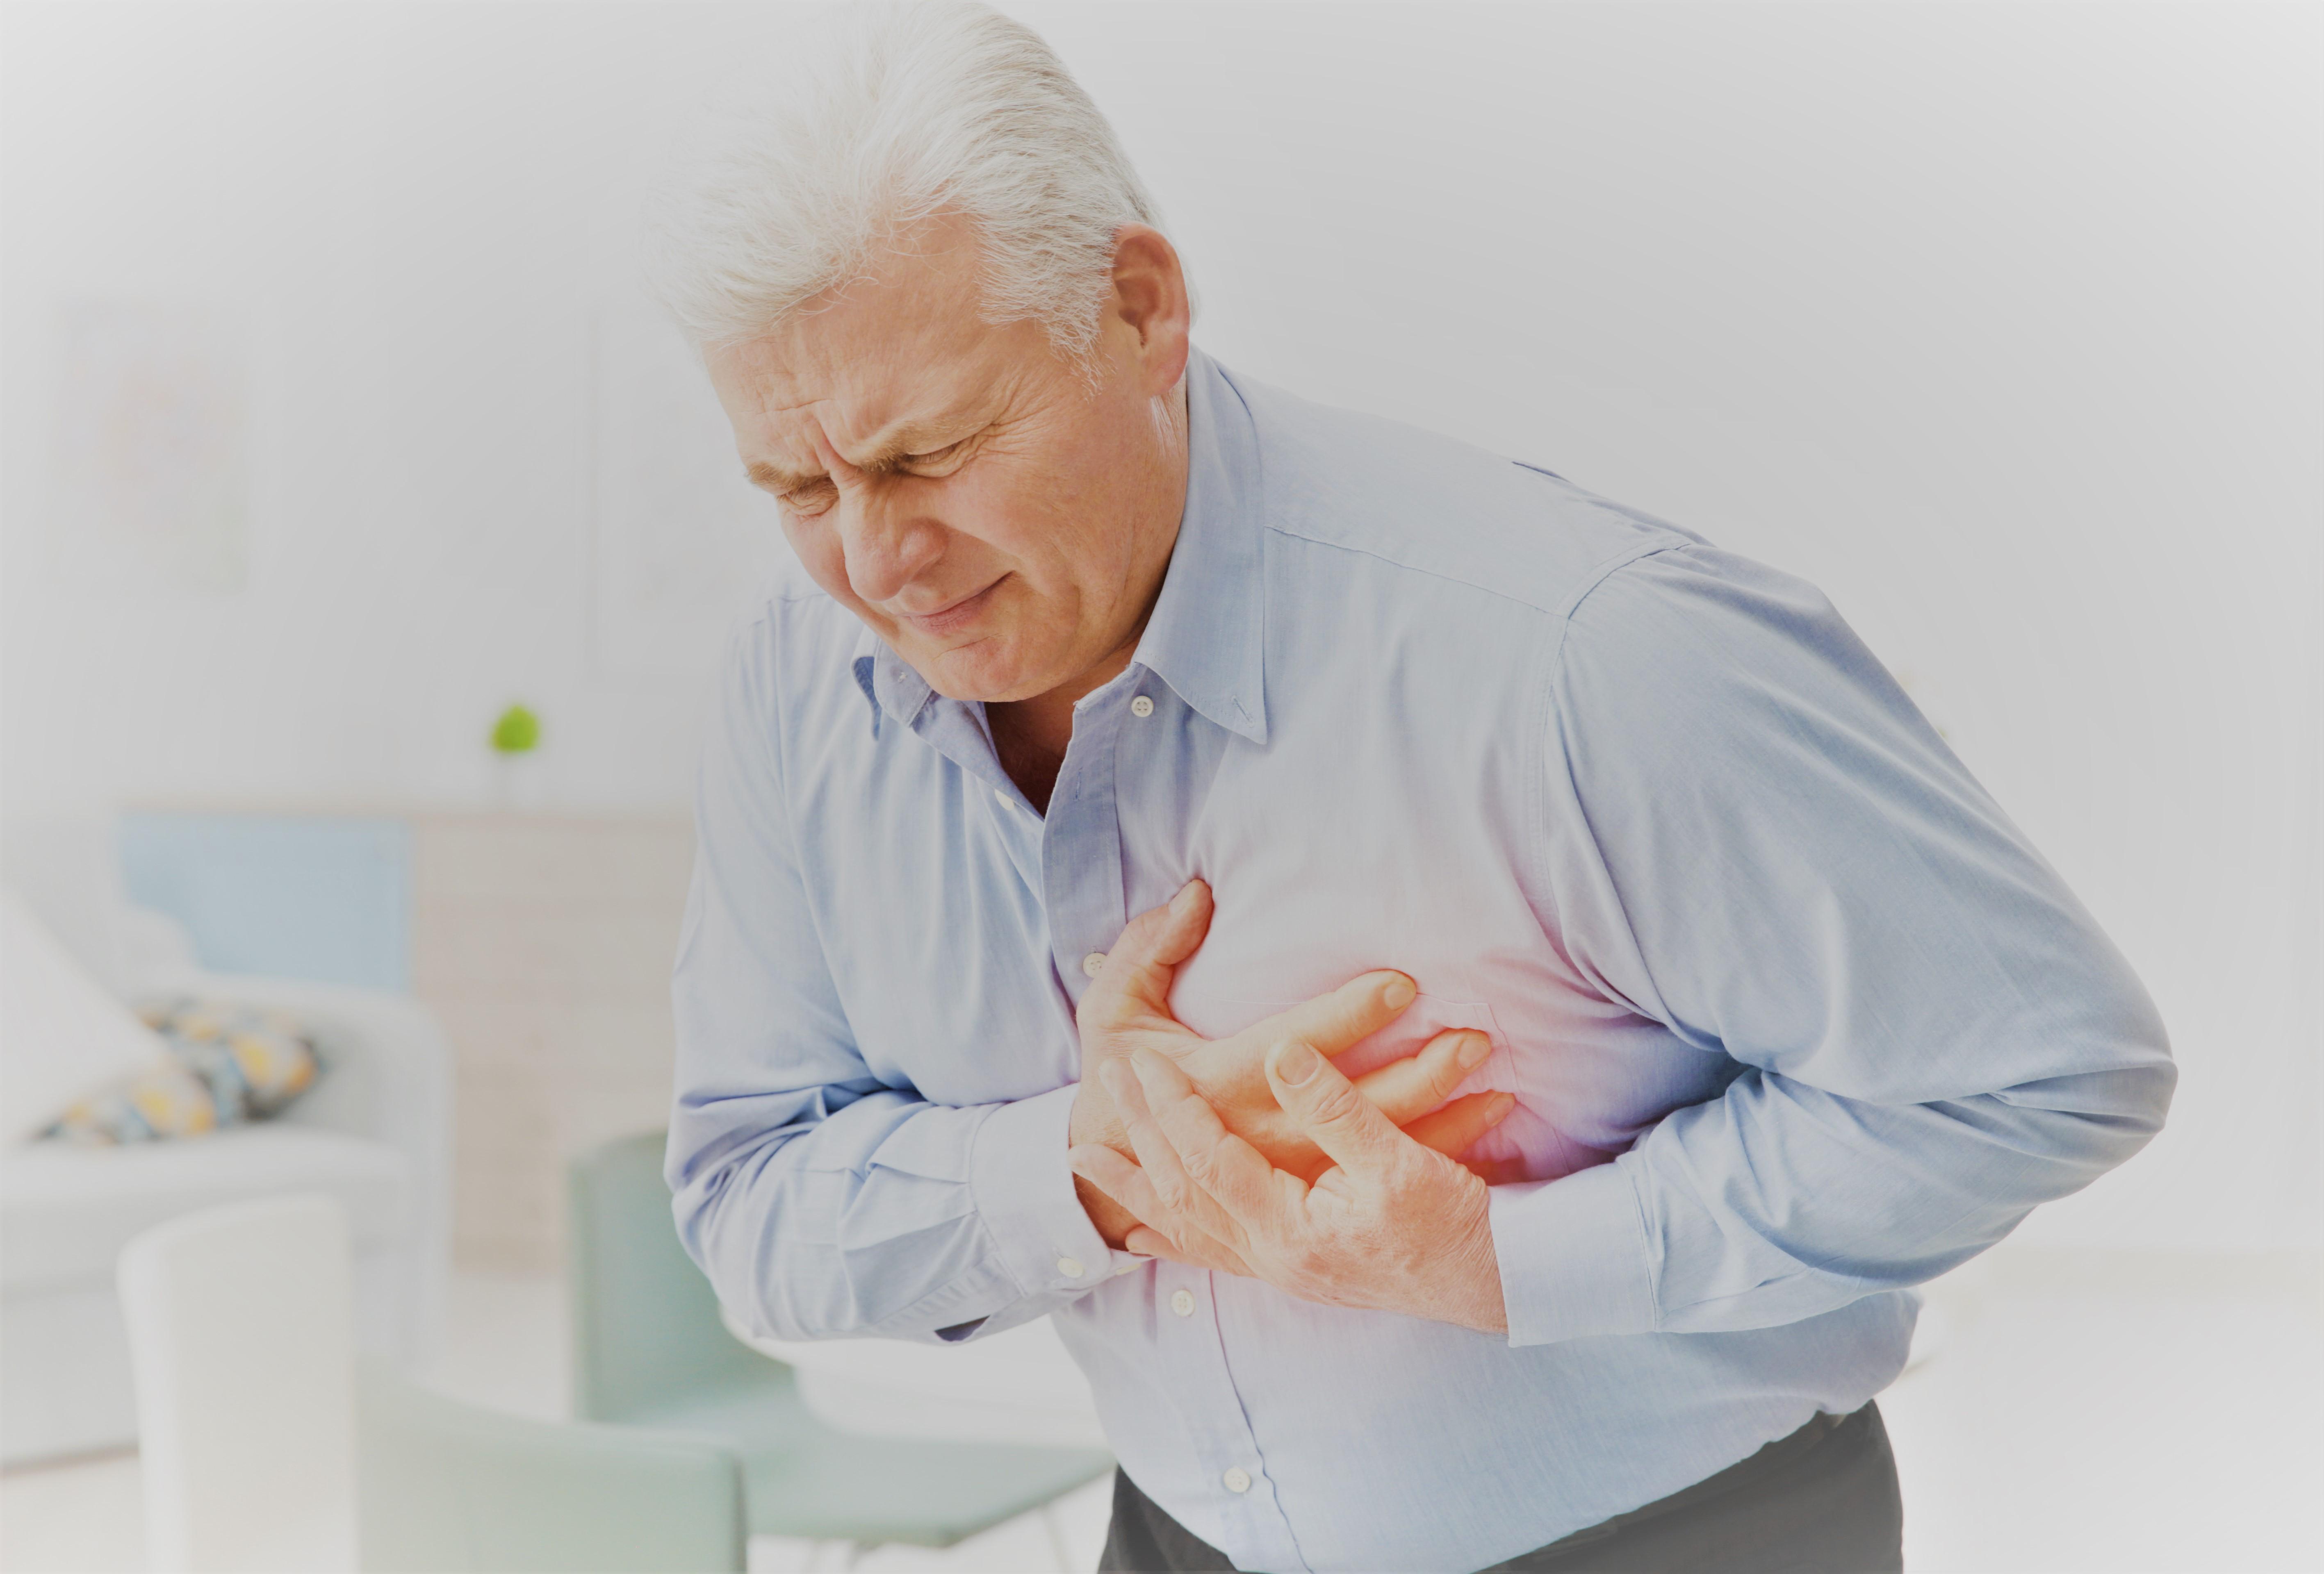 magas vérnyomás és szívfájdalom kezelése